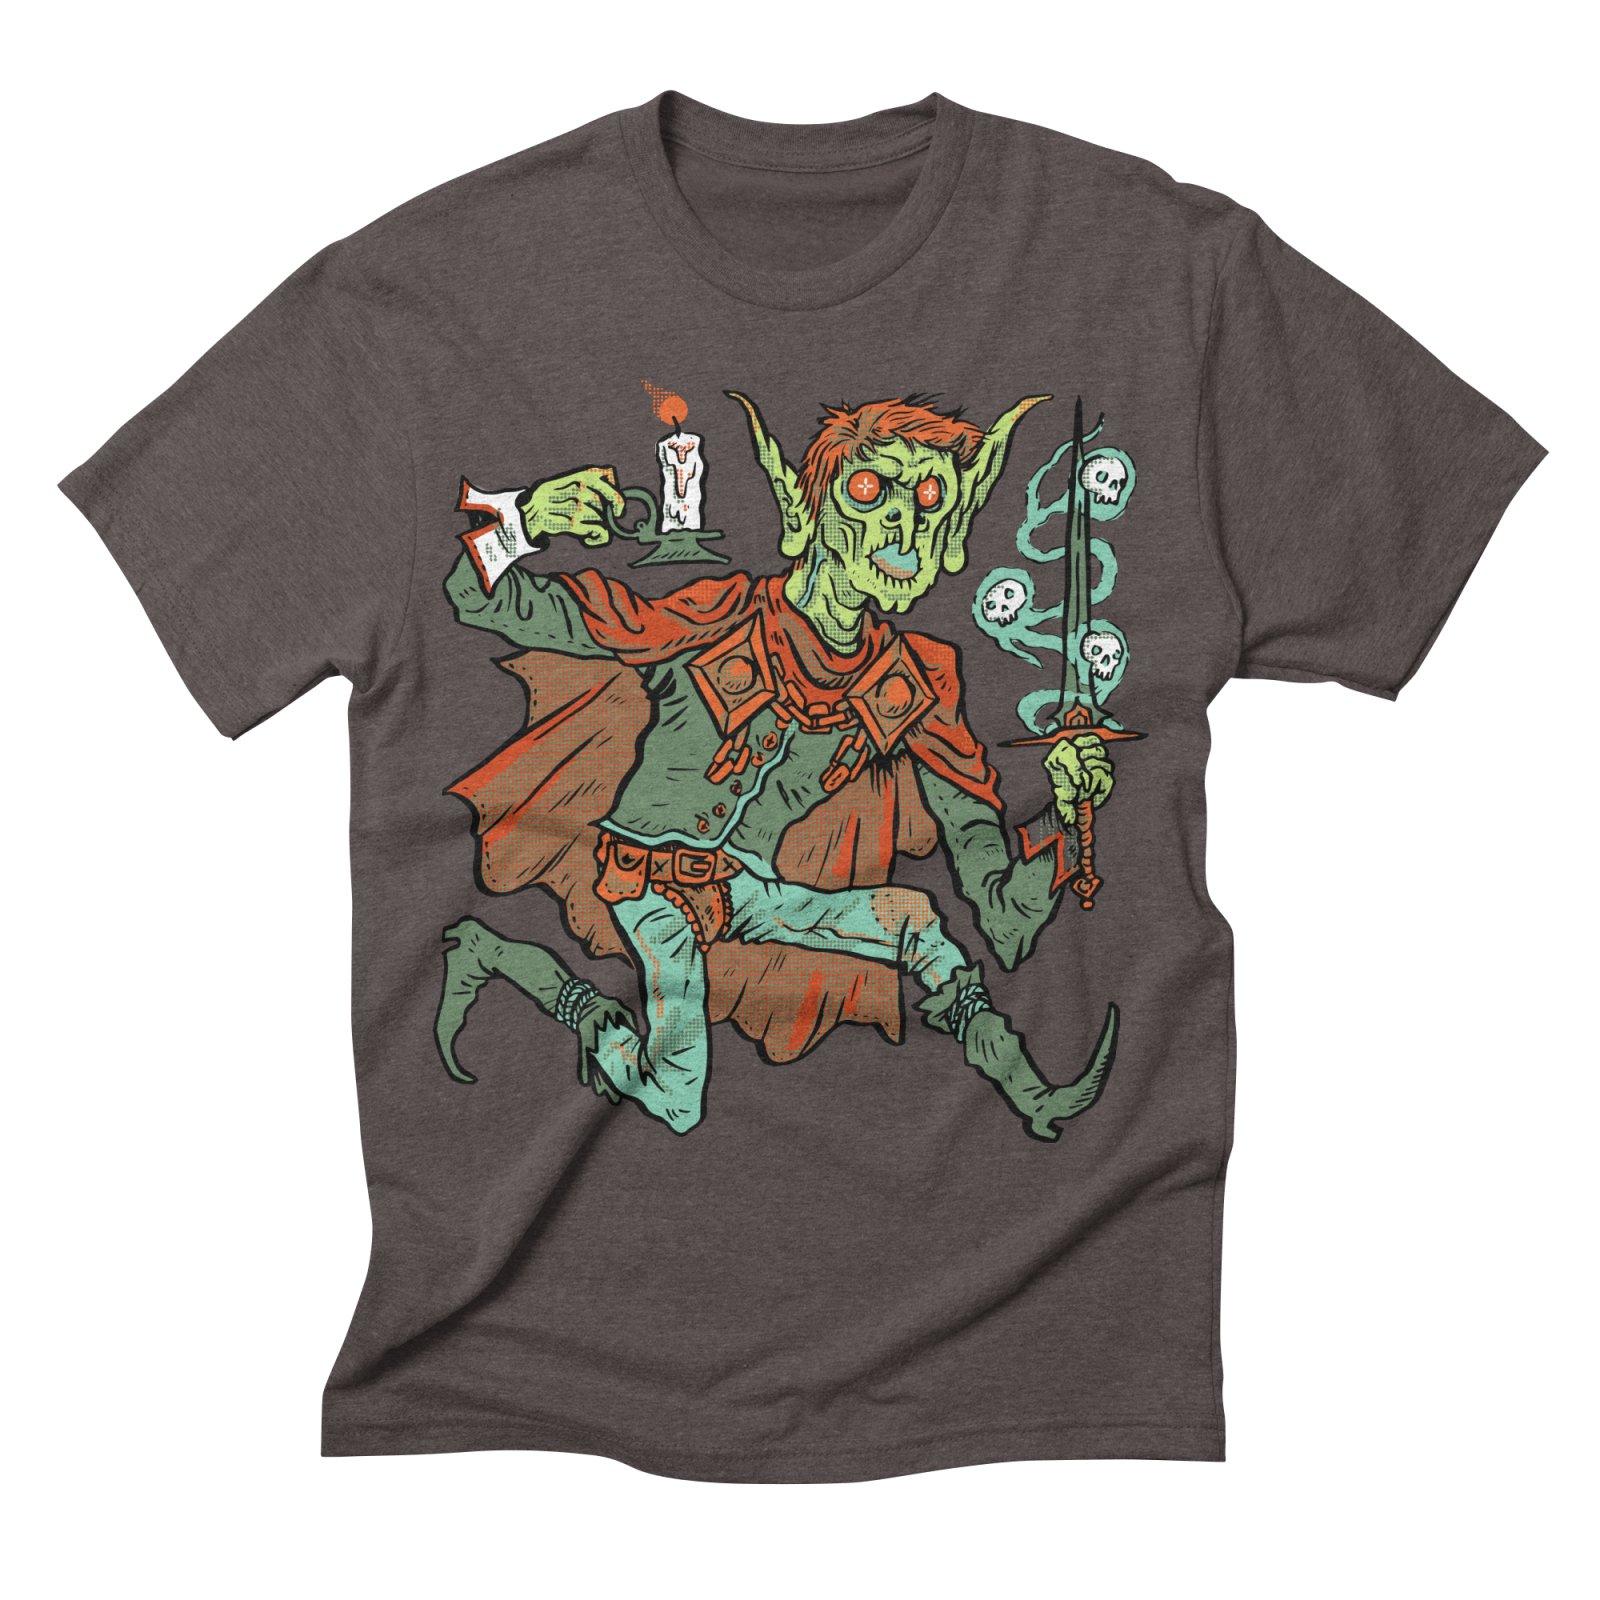 shirt-1475606487-05c9b373df9f802cebb91d4a2537cfb4.png